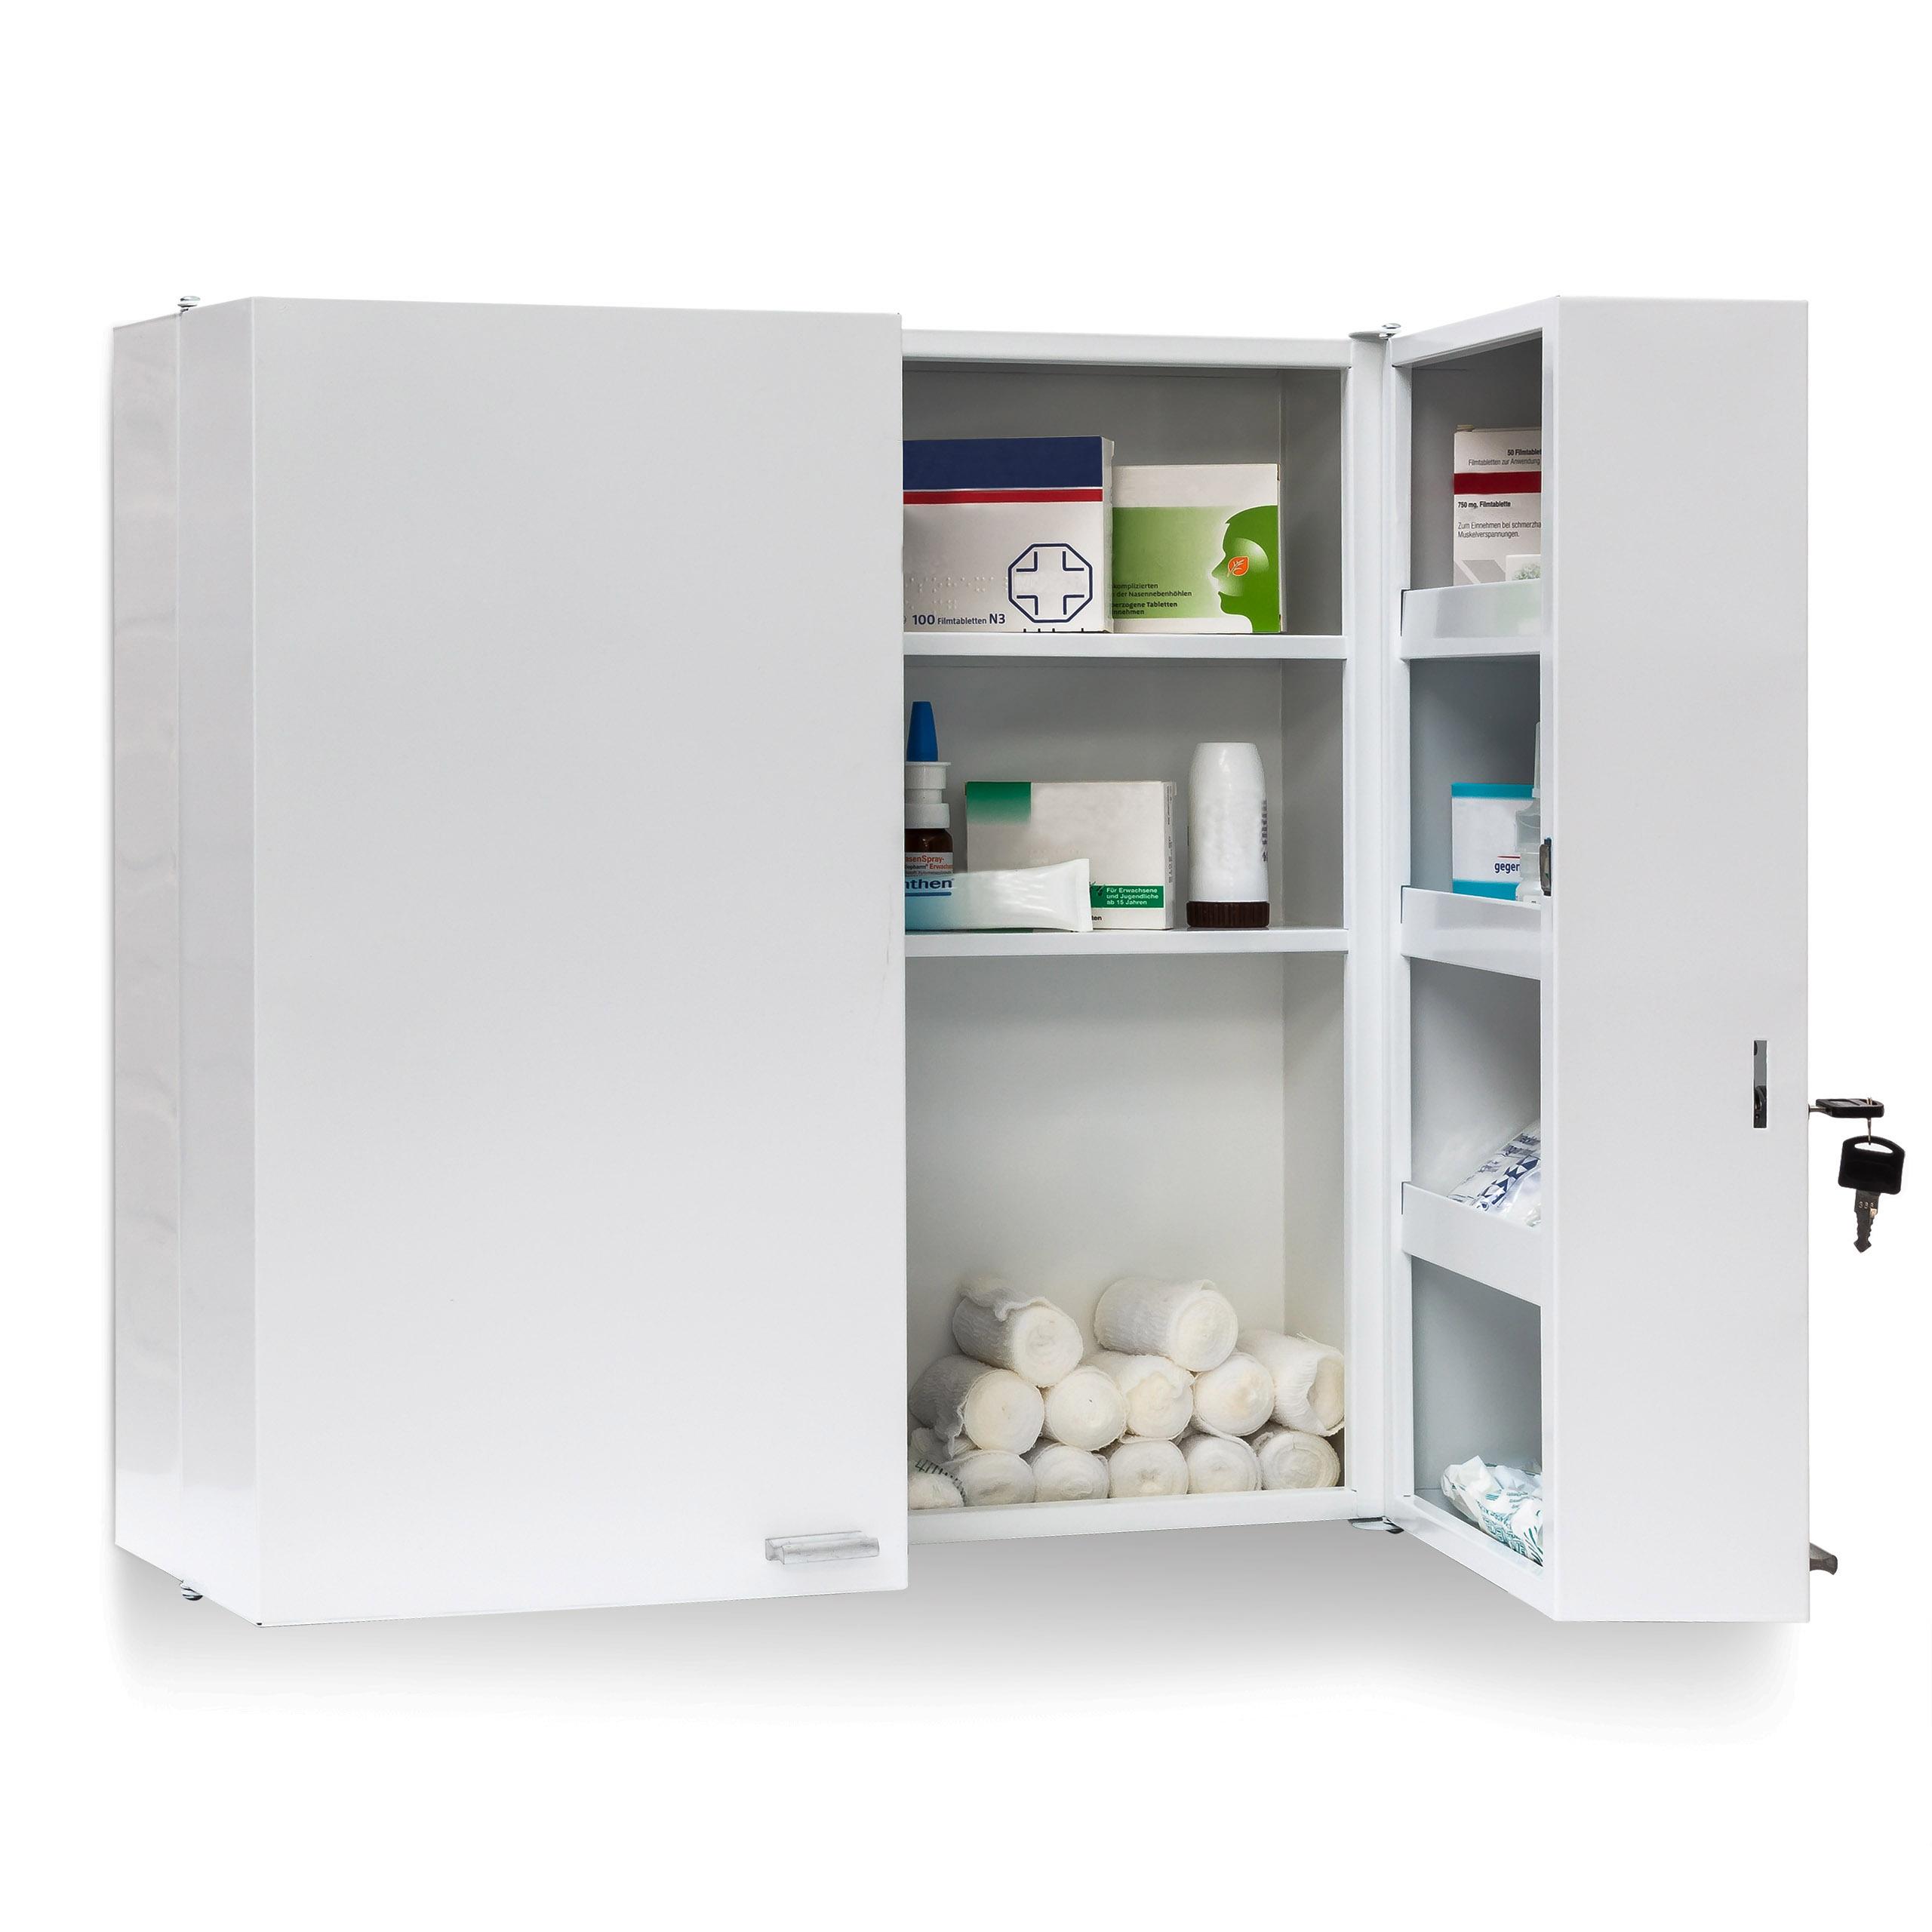 Skřínka na léky XXL 53x53x20cm bílá emergency